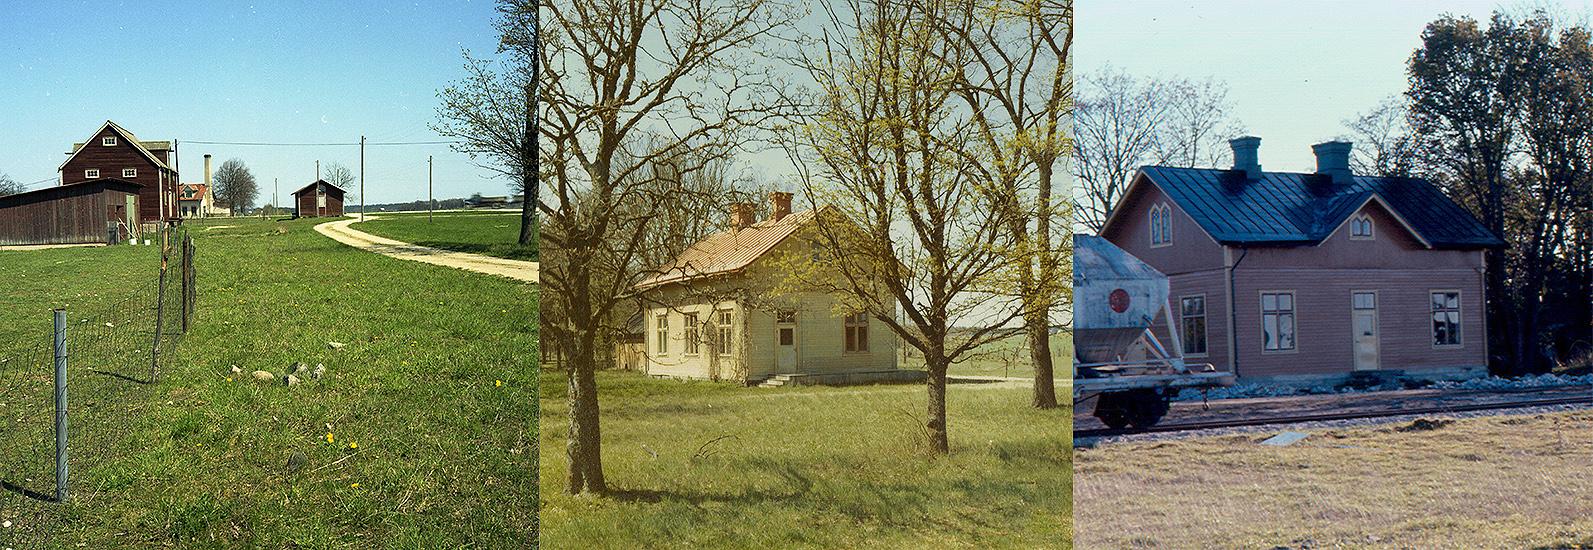 Till vänster och i mitten: Vy norrut samt mot Hesselby station 12 maj 1972. Foto: Gunnar T Ljungdahl. Till höger: Hesselby sto den 25 okt. 1972. Foto: Sven Karlsson